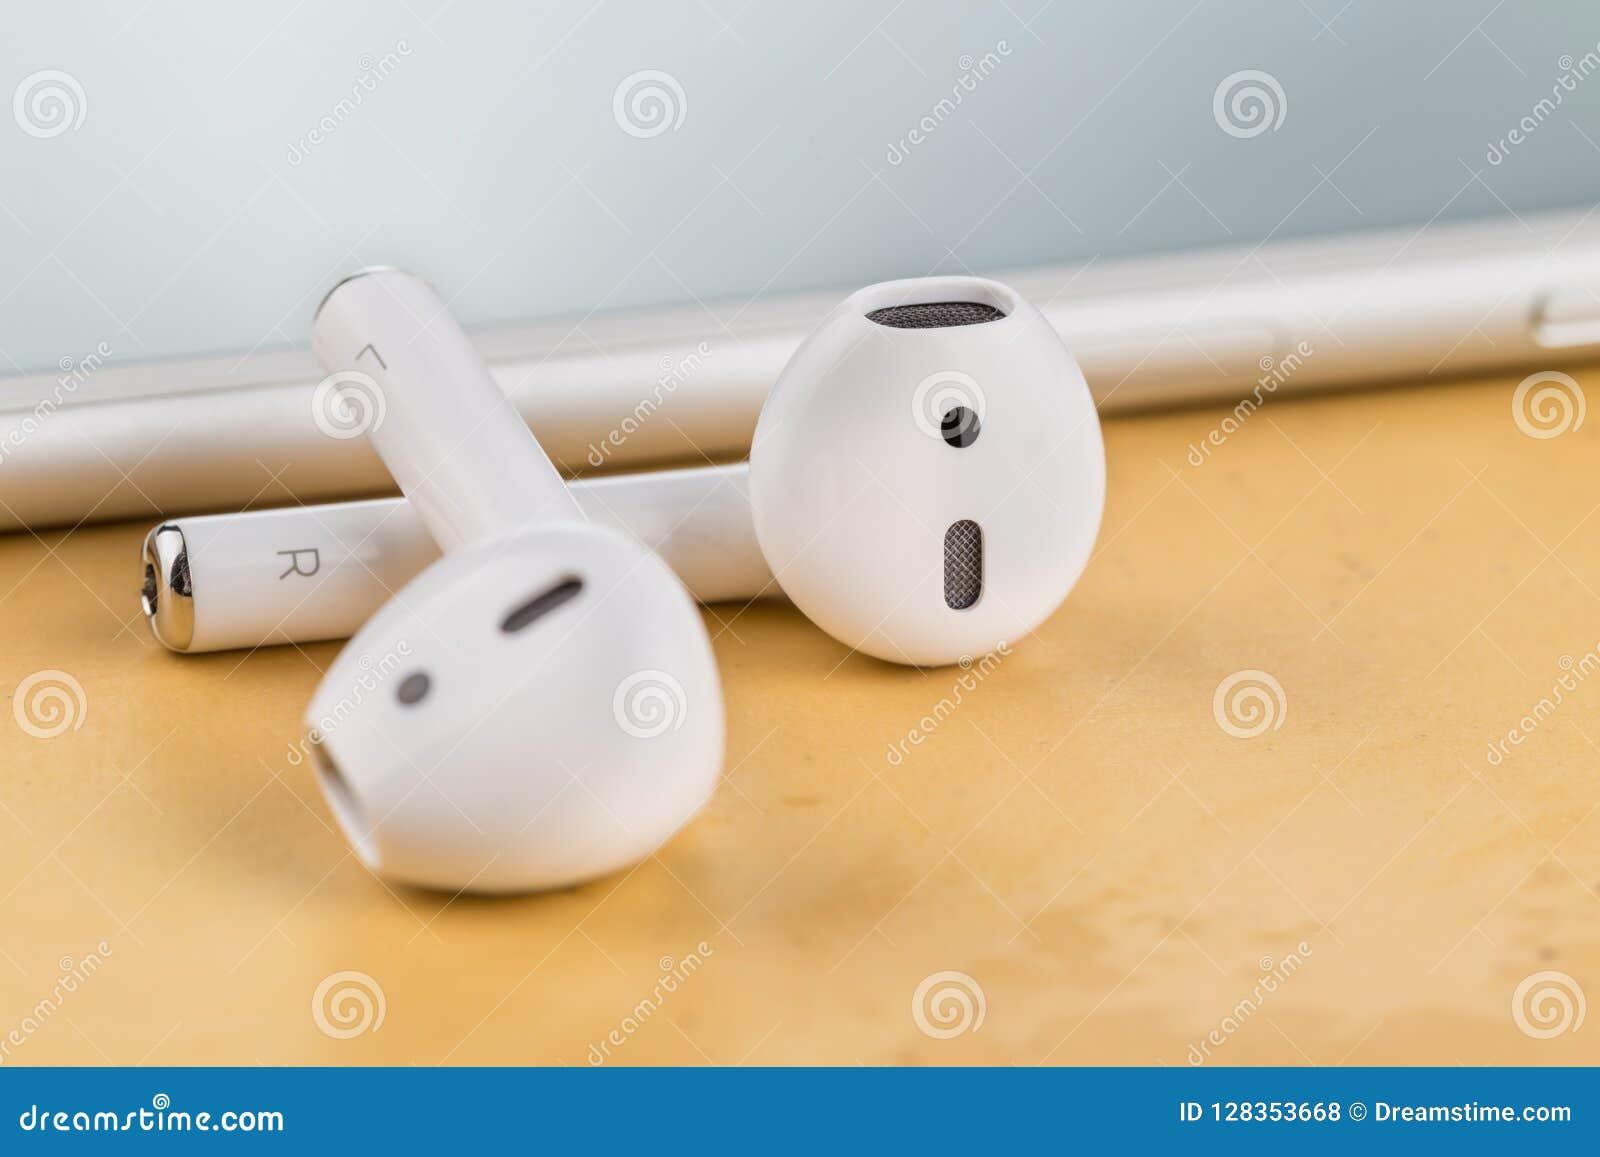 Auriculares sem fio modernos para escutar a música de seu smartphone